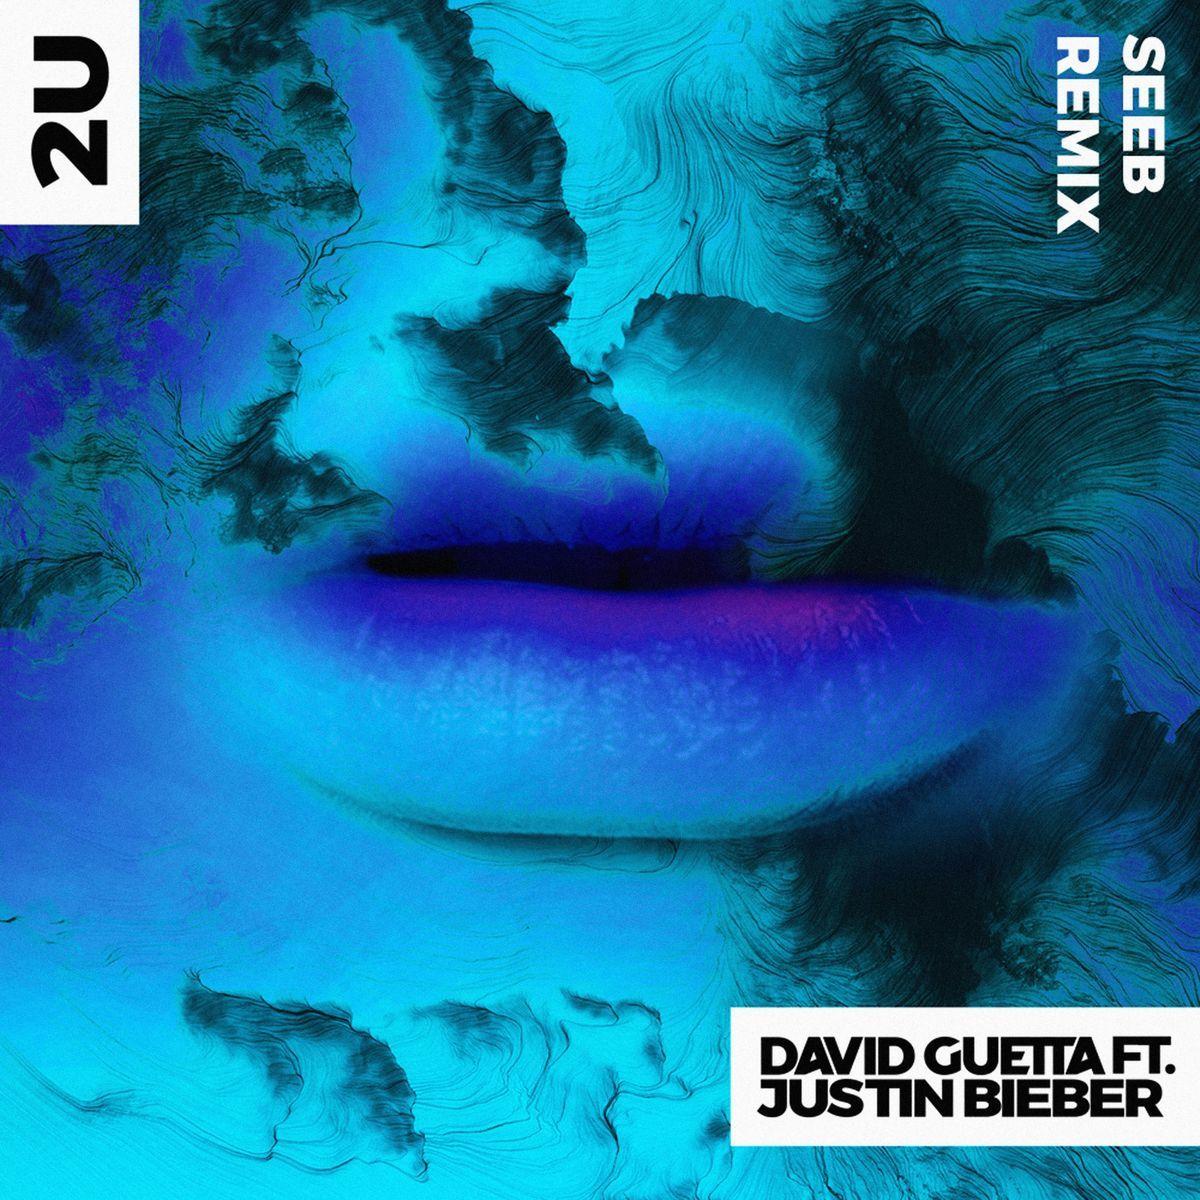 David Guetta Justin Bieber 2u Seeb Remix Mp3 Download Free